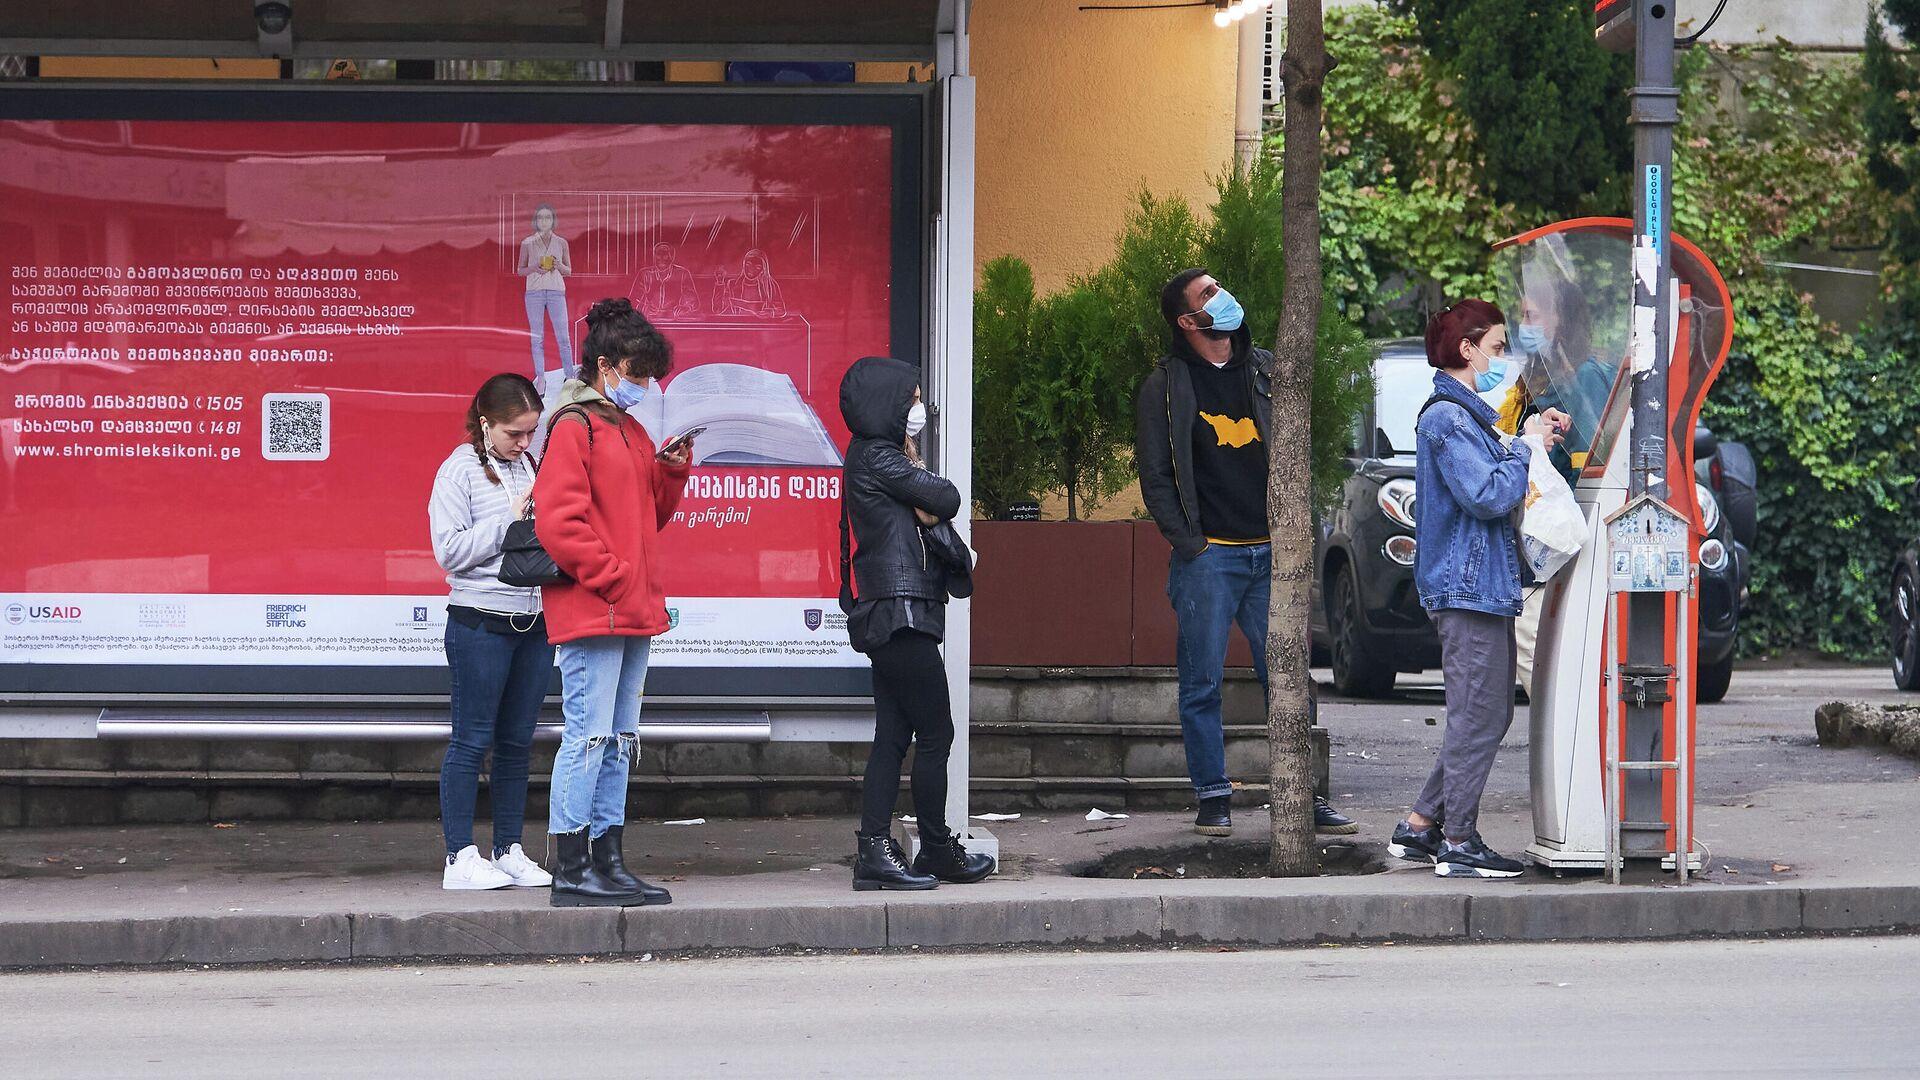 Эпидемия коронавируса - люди в масках на автобусной остановке - Sputnik Грузия, 1920, 04.10.2021